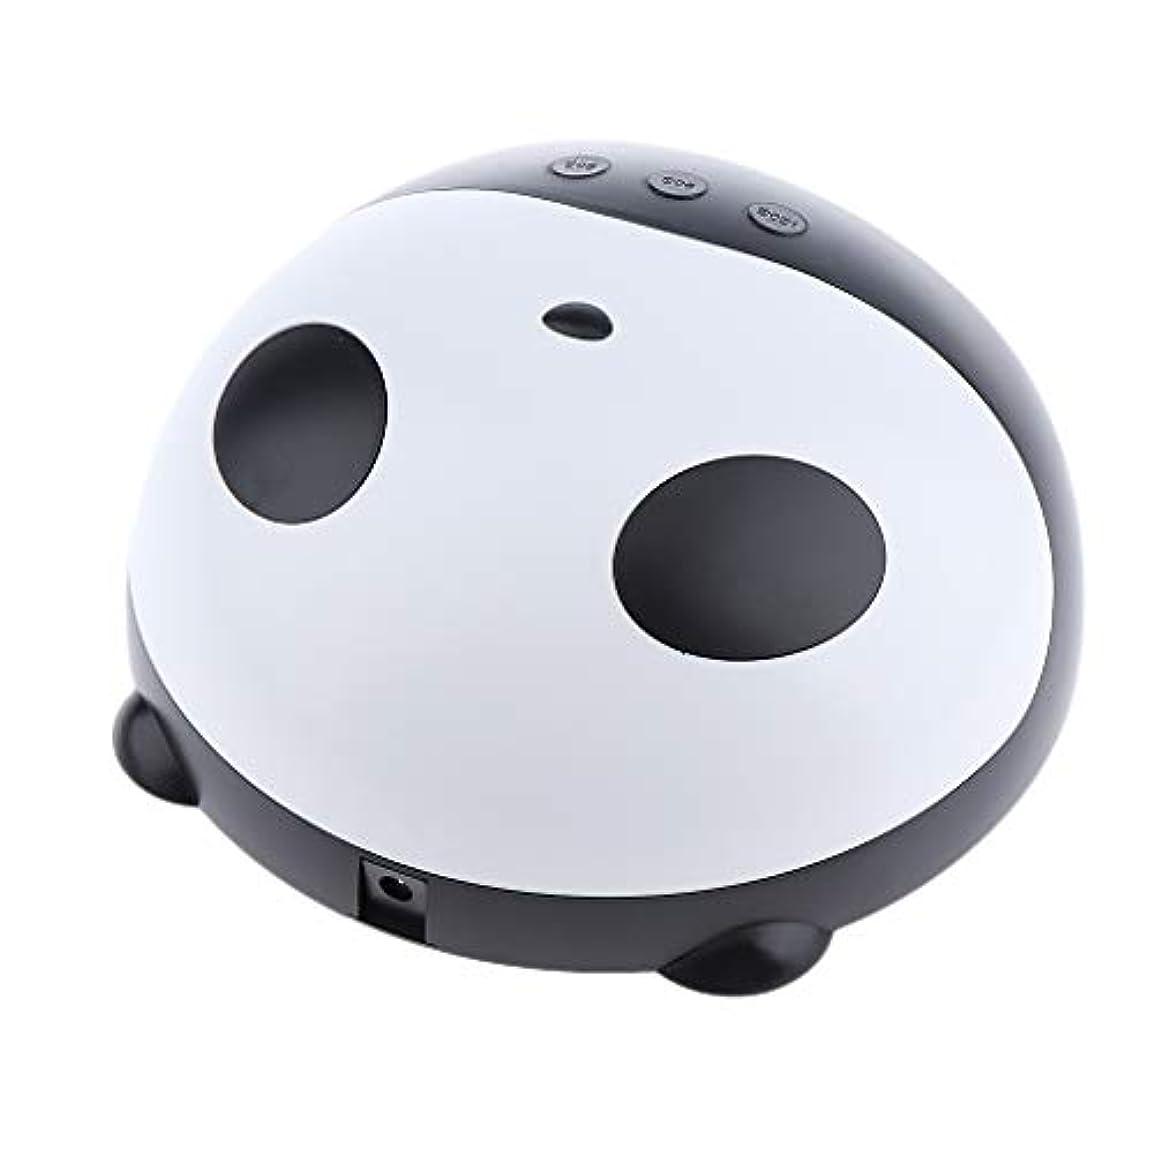 検証とらえどころのない線形LEDネイルランプ UV硬化 ネイル乾燥 かわいいパンダ ネイルサロン